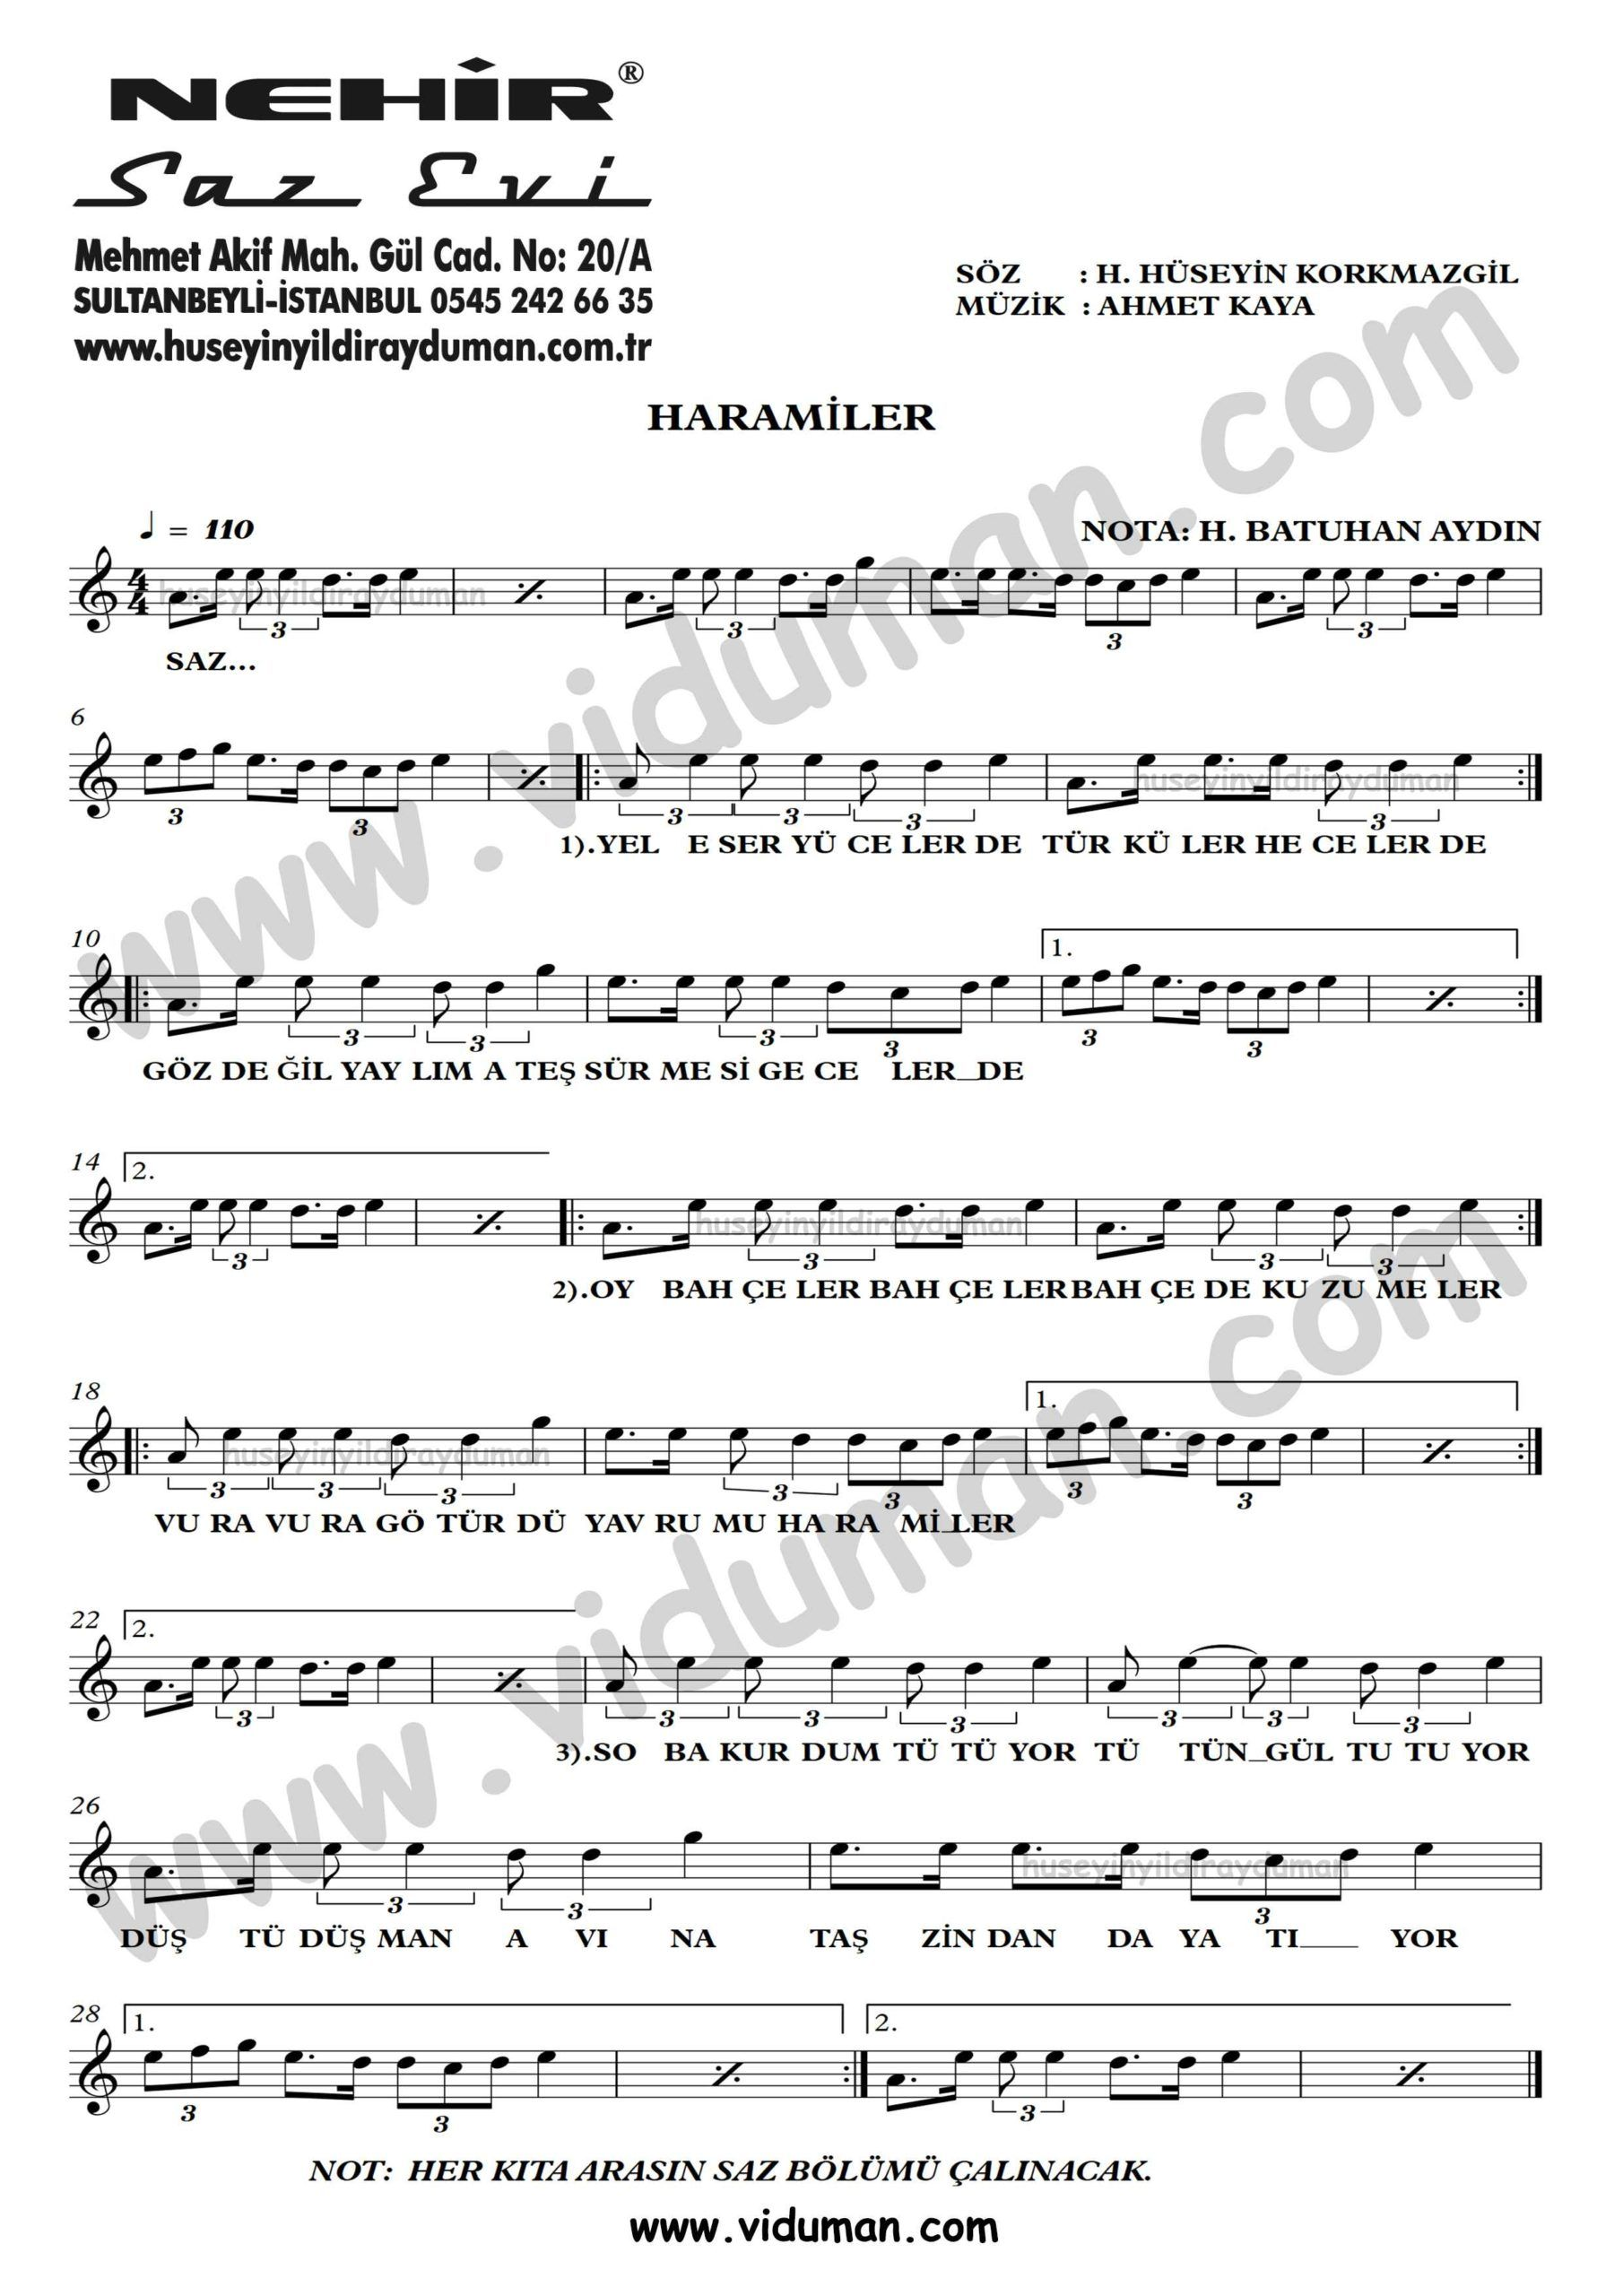 Haramiler Ahmet Kaya Nota Baglama Saz Turku Notalari Muzik Notalari Muzik Calisma